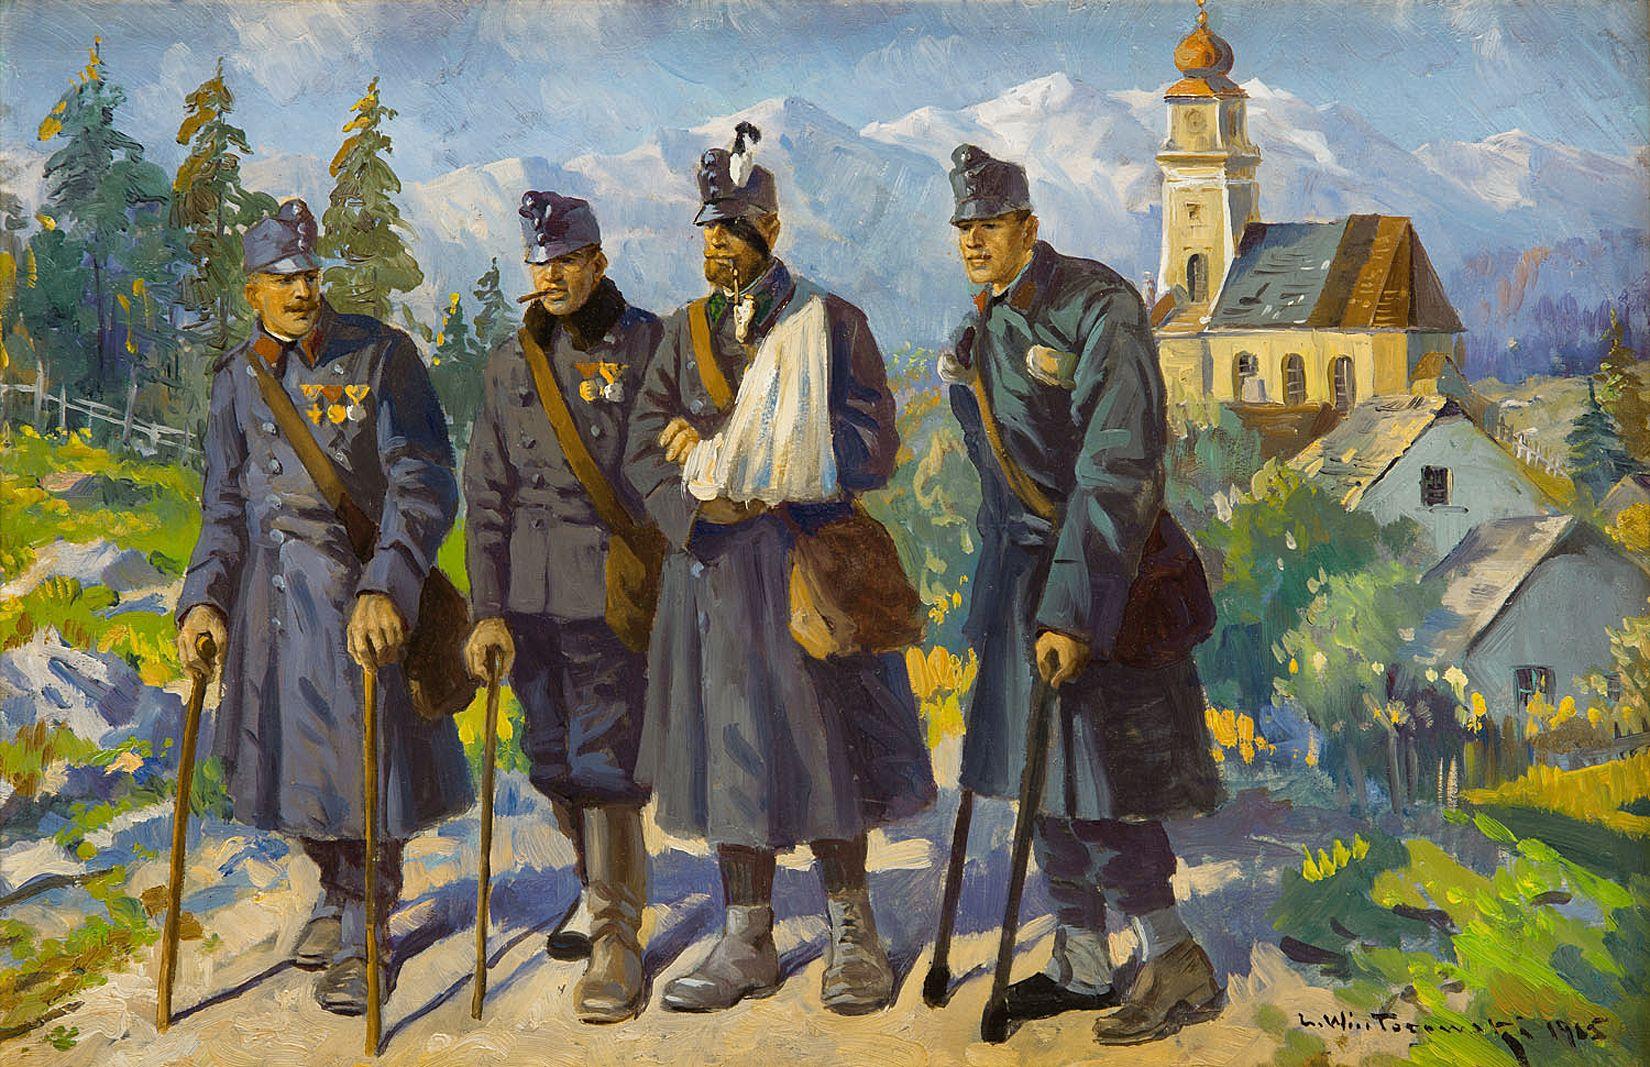 Леонард Вінтеровський. Ветерани війни, 1915; олія, картон